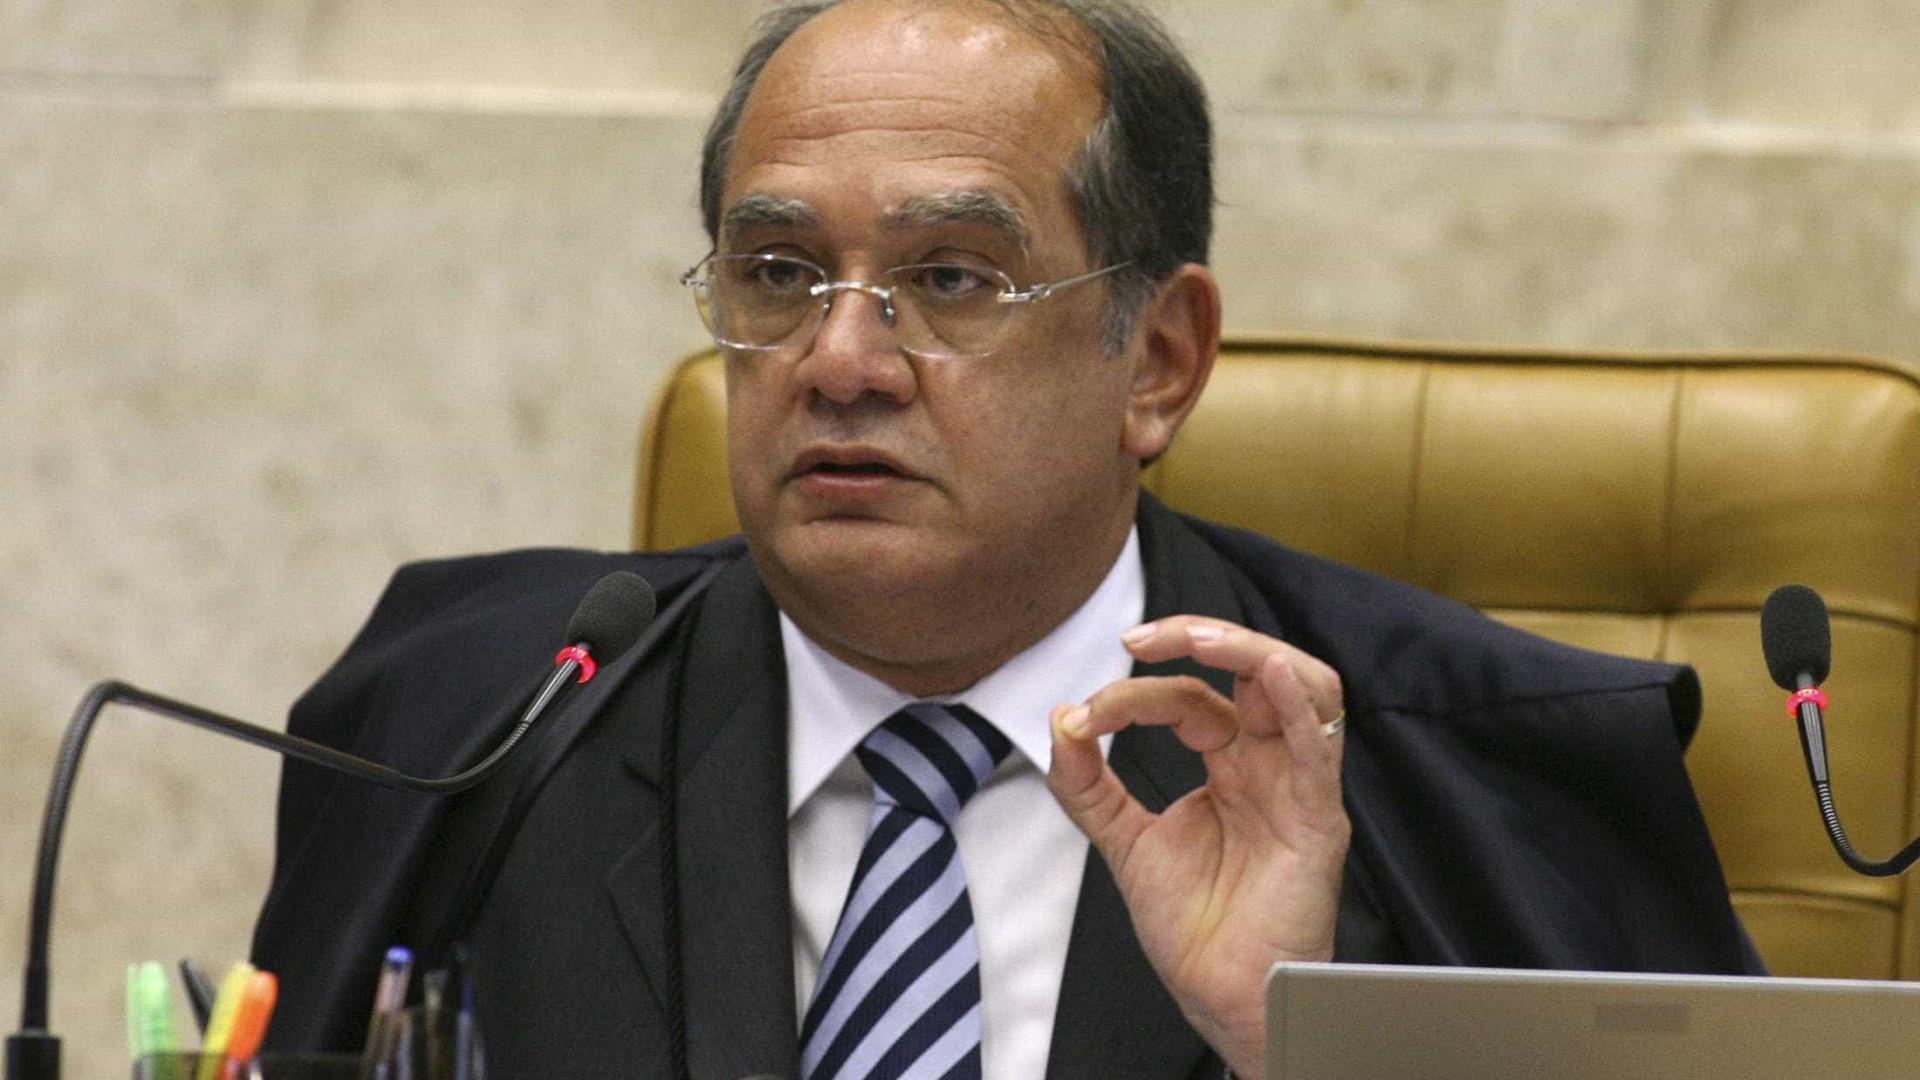 Judiciário brasileiro não é a vara de Curitiba, diz Gilmar Mendes